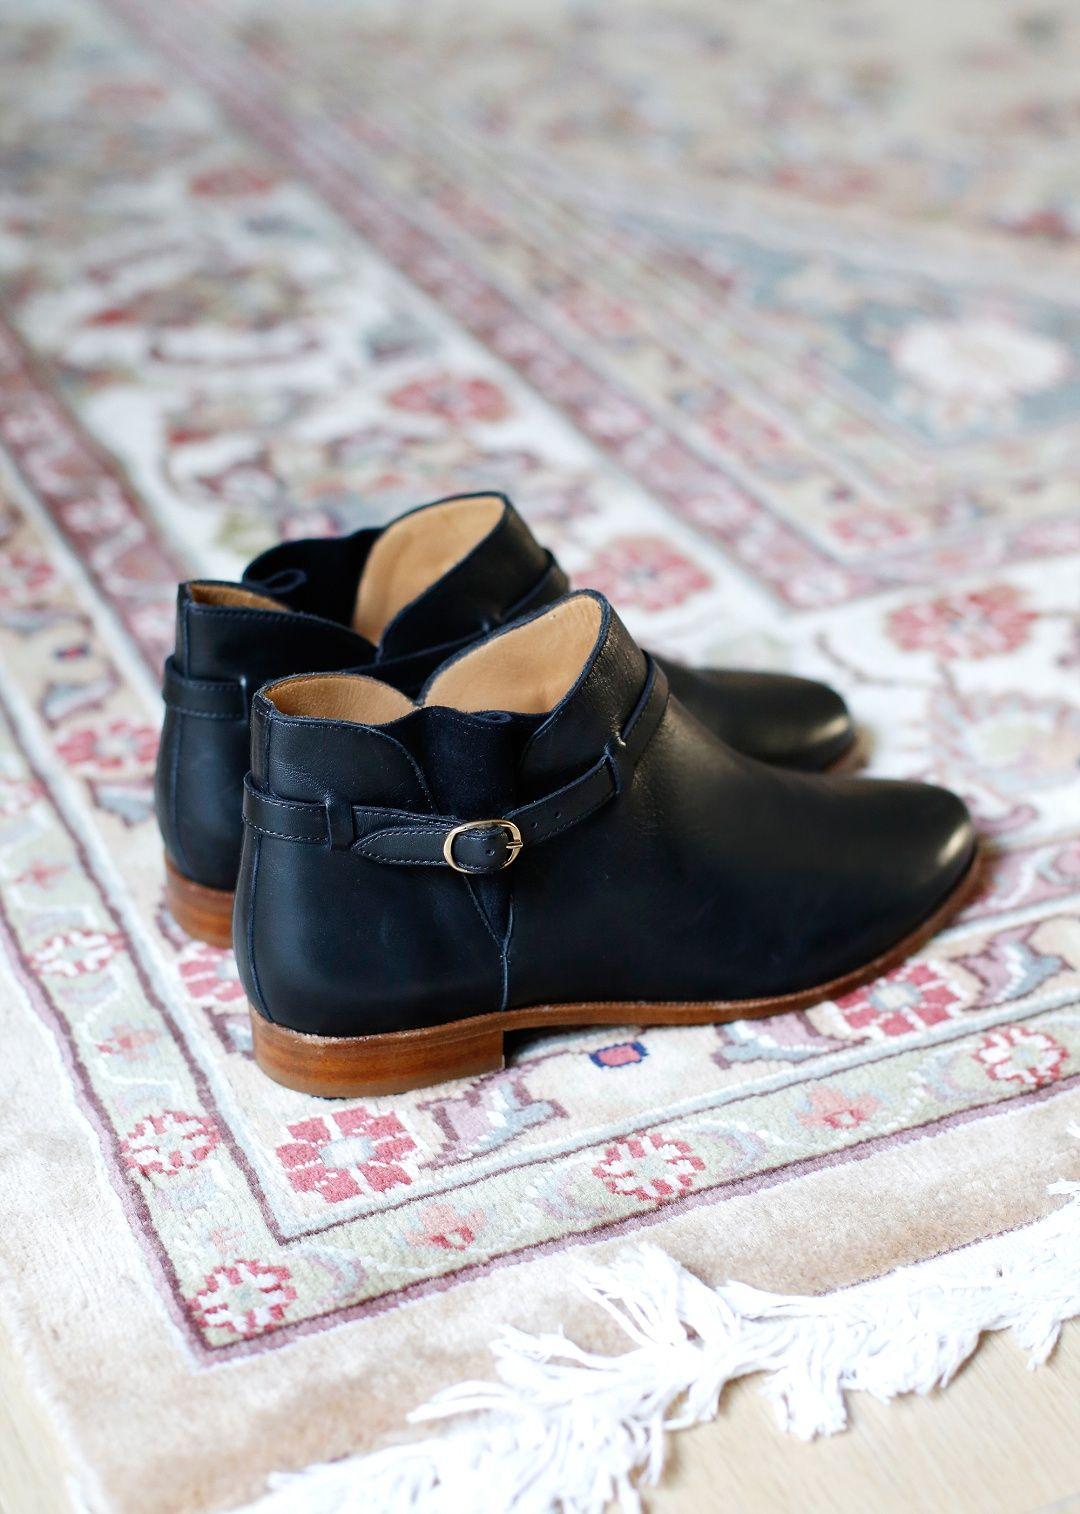 Sézane Low Harper Boots   Bottines sezane, Sezane et Bottes